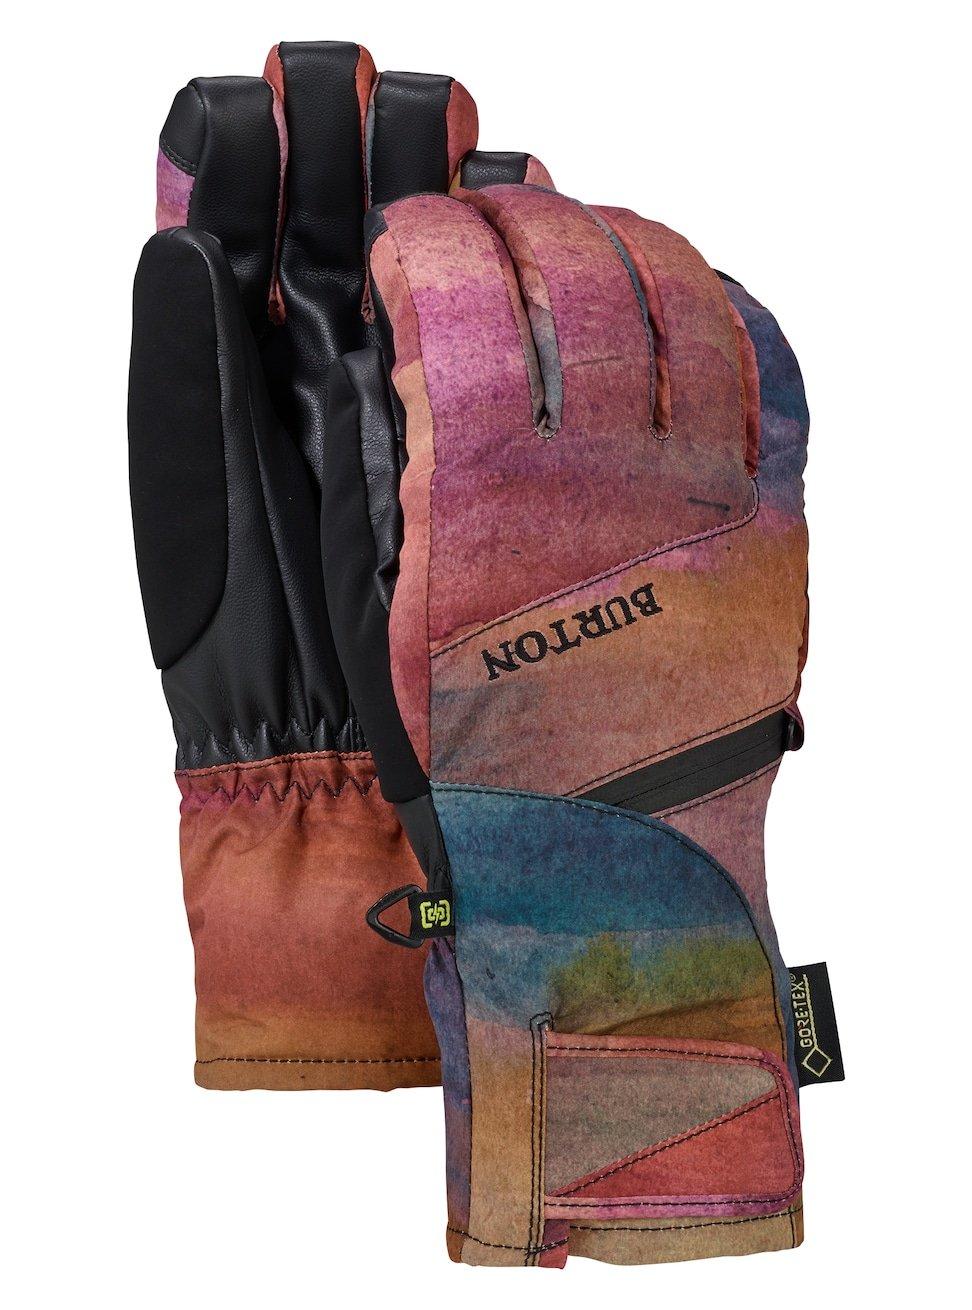 Burton Women's Gore-Tex Warm Technology Under Gloves Burton Snowboards